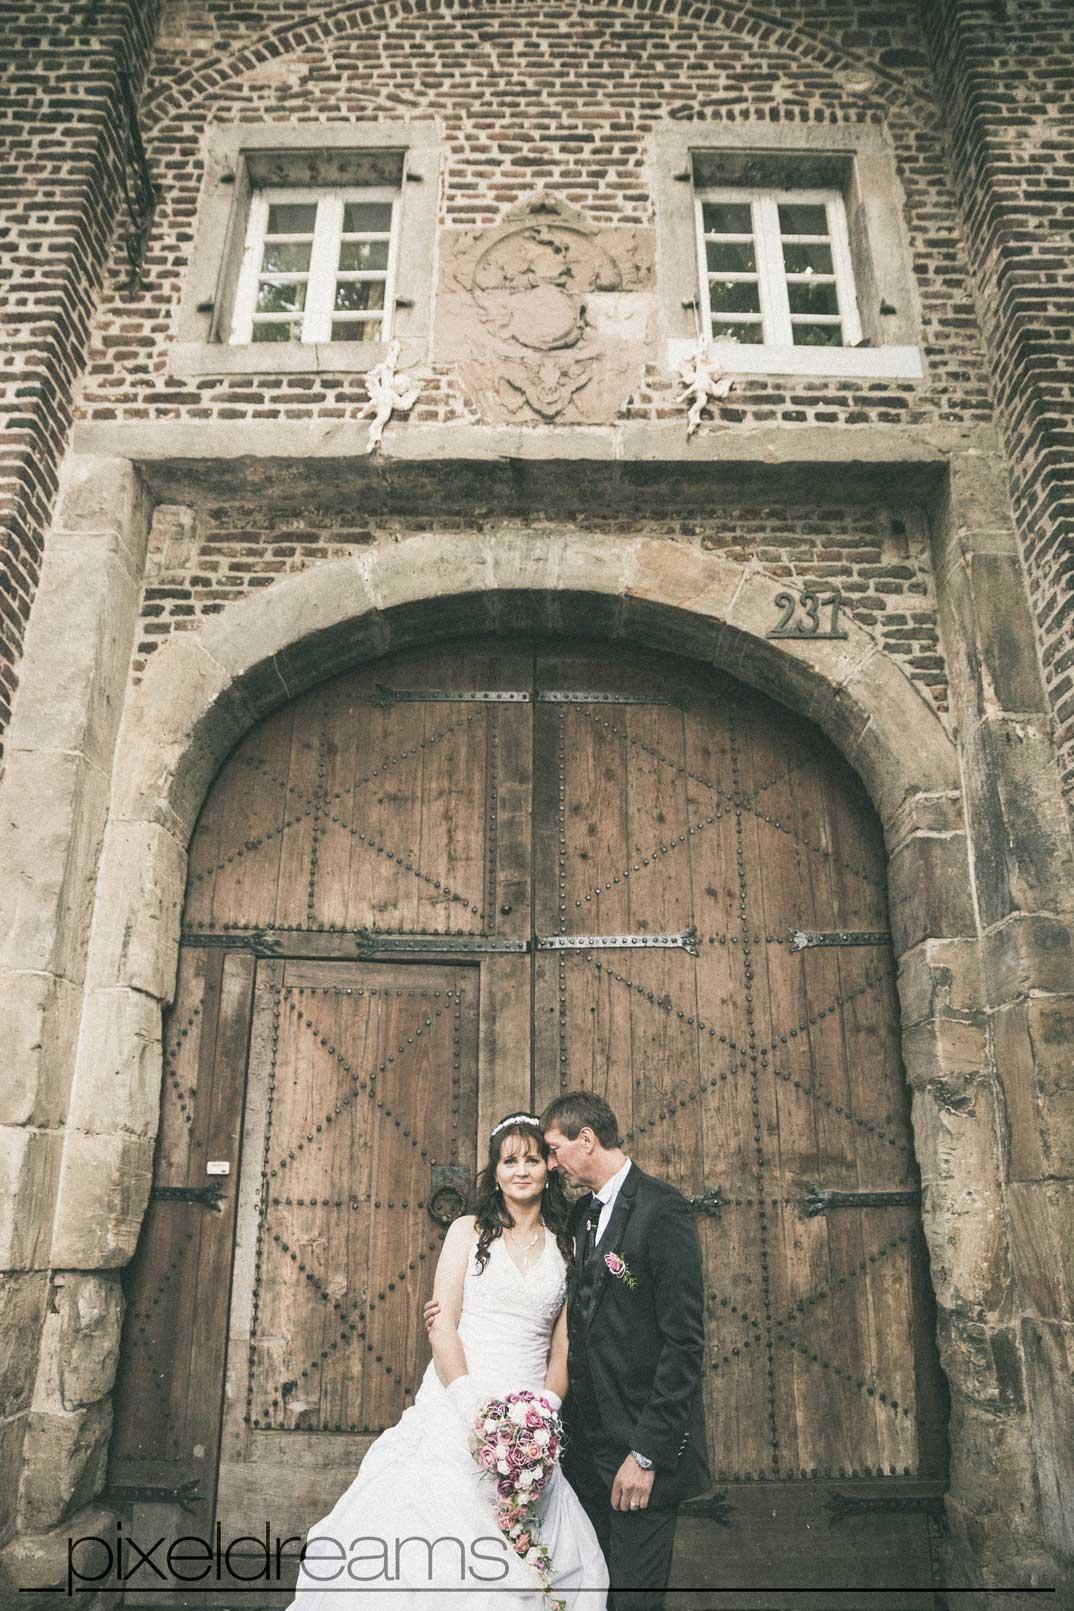 Hochzeitsfotografie vor dem Gutshof der Kommandeursburg in Kerpen Blatzheim. Braut und Bräutigam schmusen.